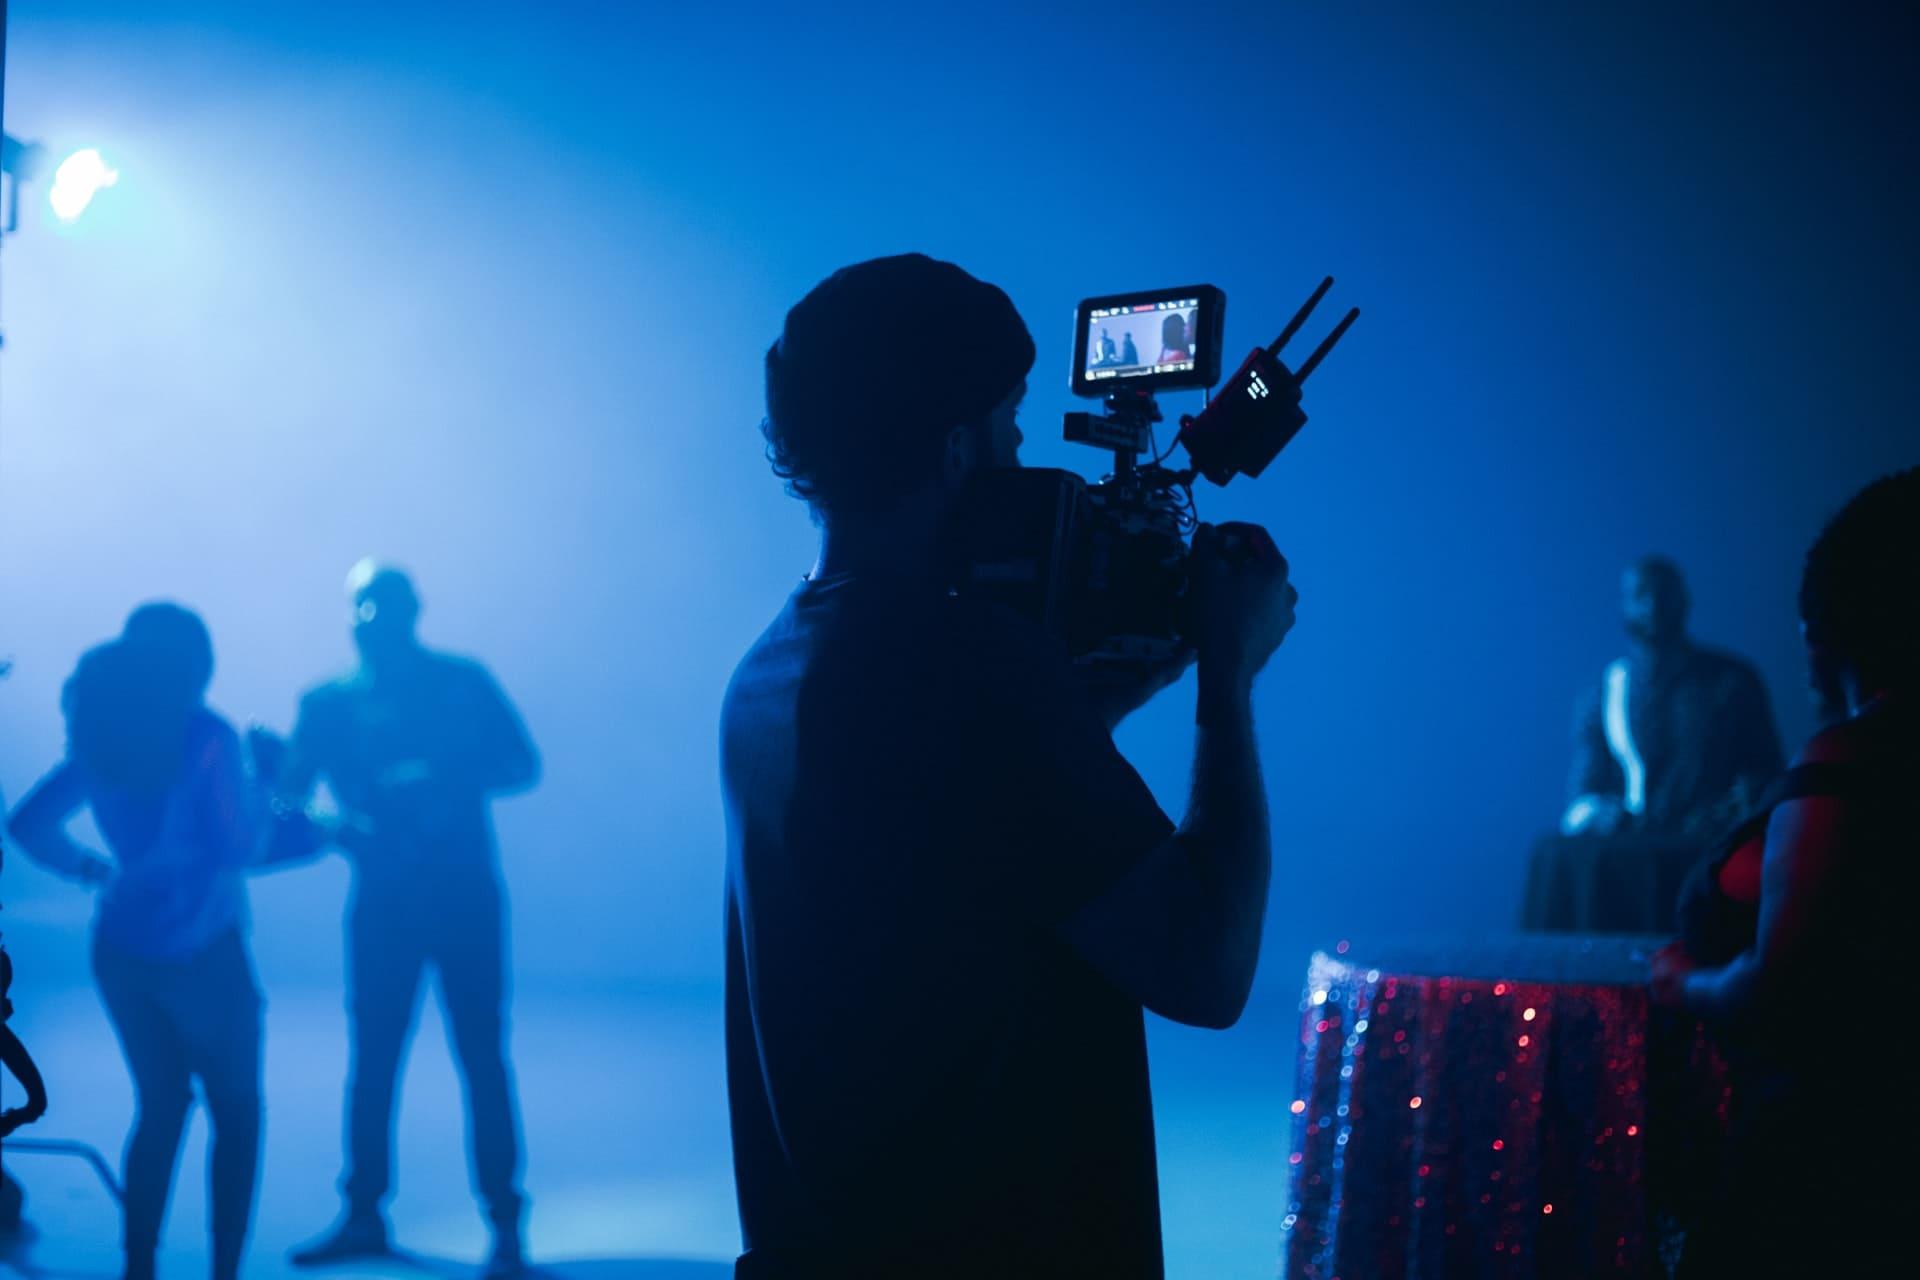 映像作家の仕事内容とは?映像作家になるための方法や能力も紹介!